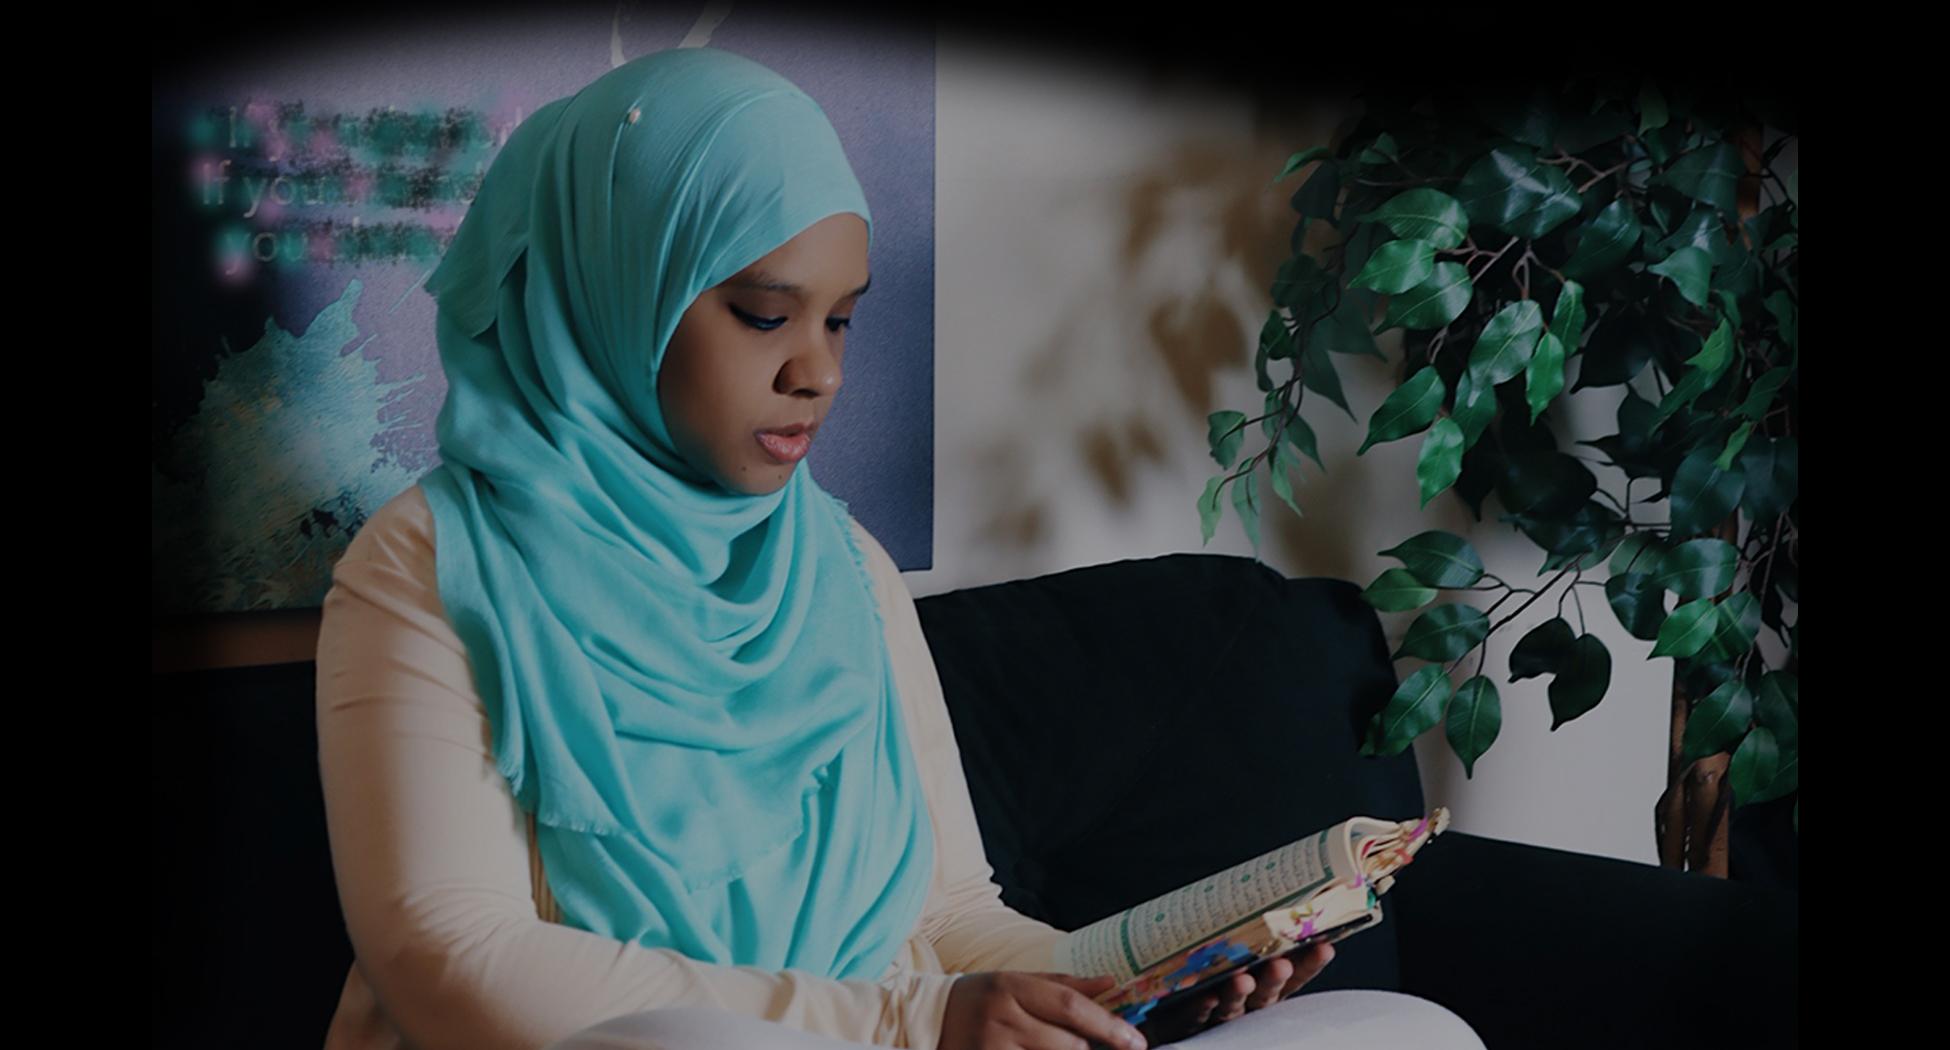 Photo of Umm Zakiyyah in turquoise hijab reading Qur